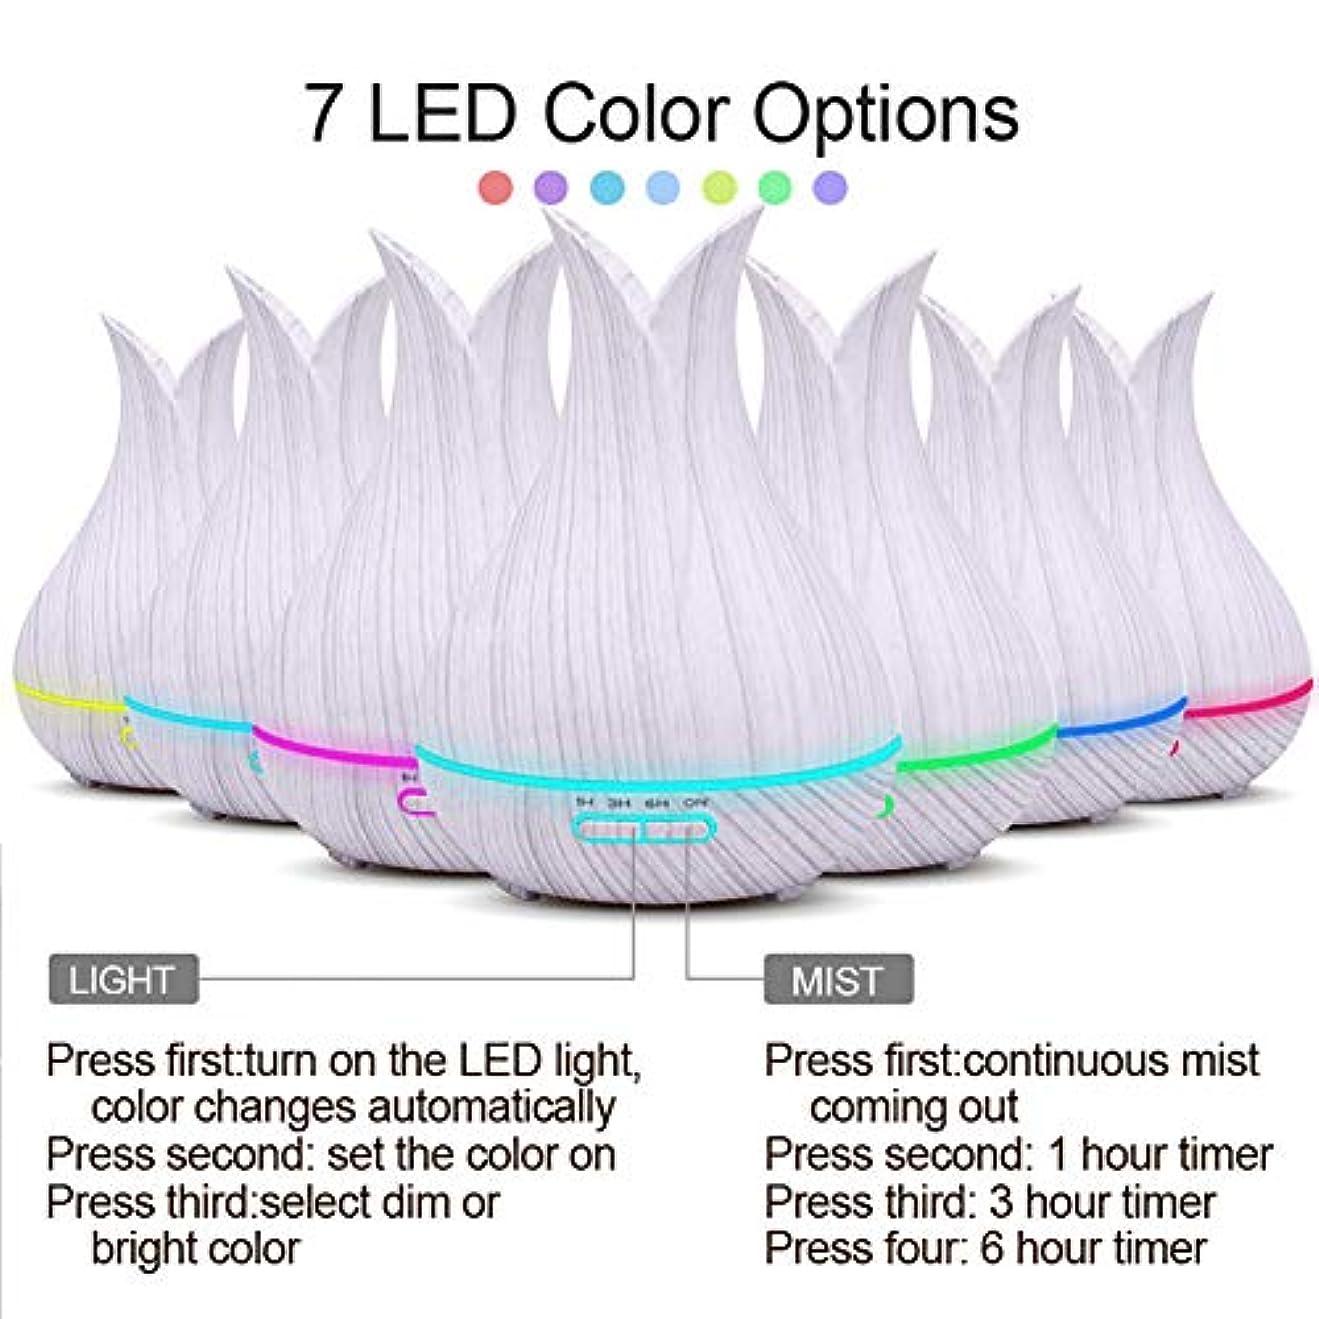 代数取るに足らない仕立て屋エッセンシャルオイルディフューザーと加湿器、ミストエッセンシャルオイルアロマ加湿器のための超音波アロマセラピーディフューザー、400ミリリットル水タンク7色LEDライト,White